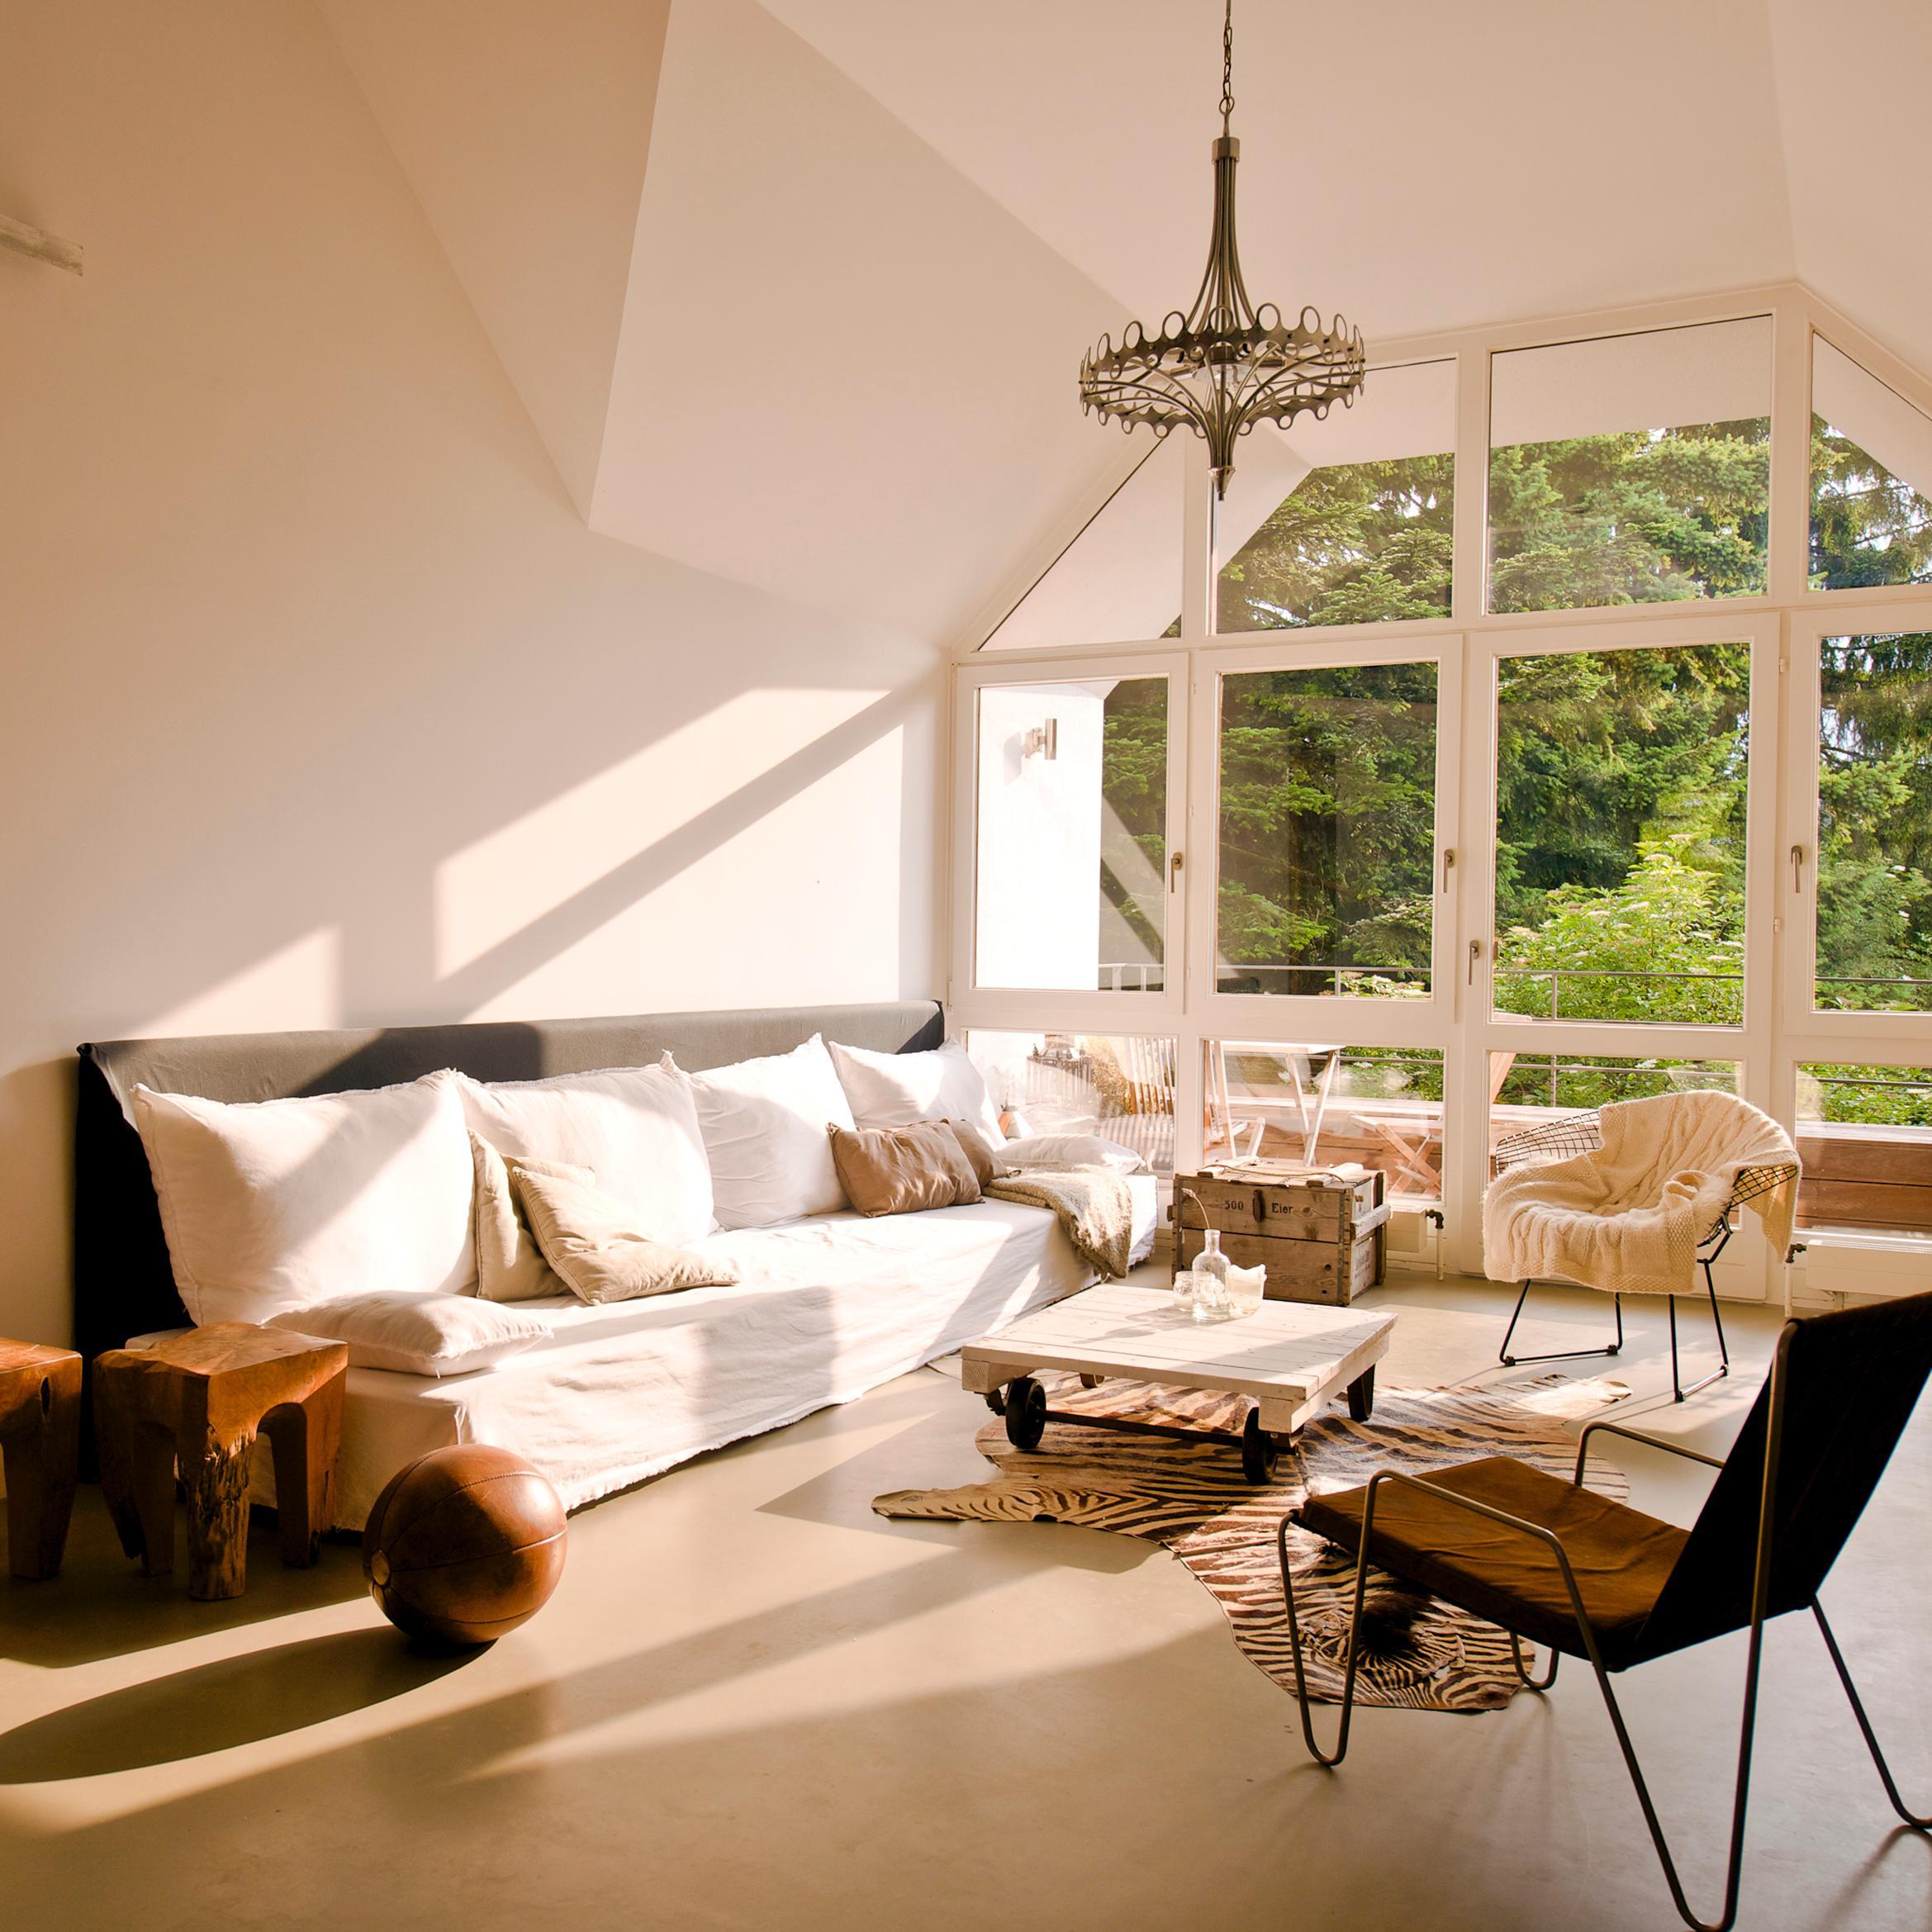 Wohnzimmer Couchtisch Betonboden Wohnzimmer Sofa